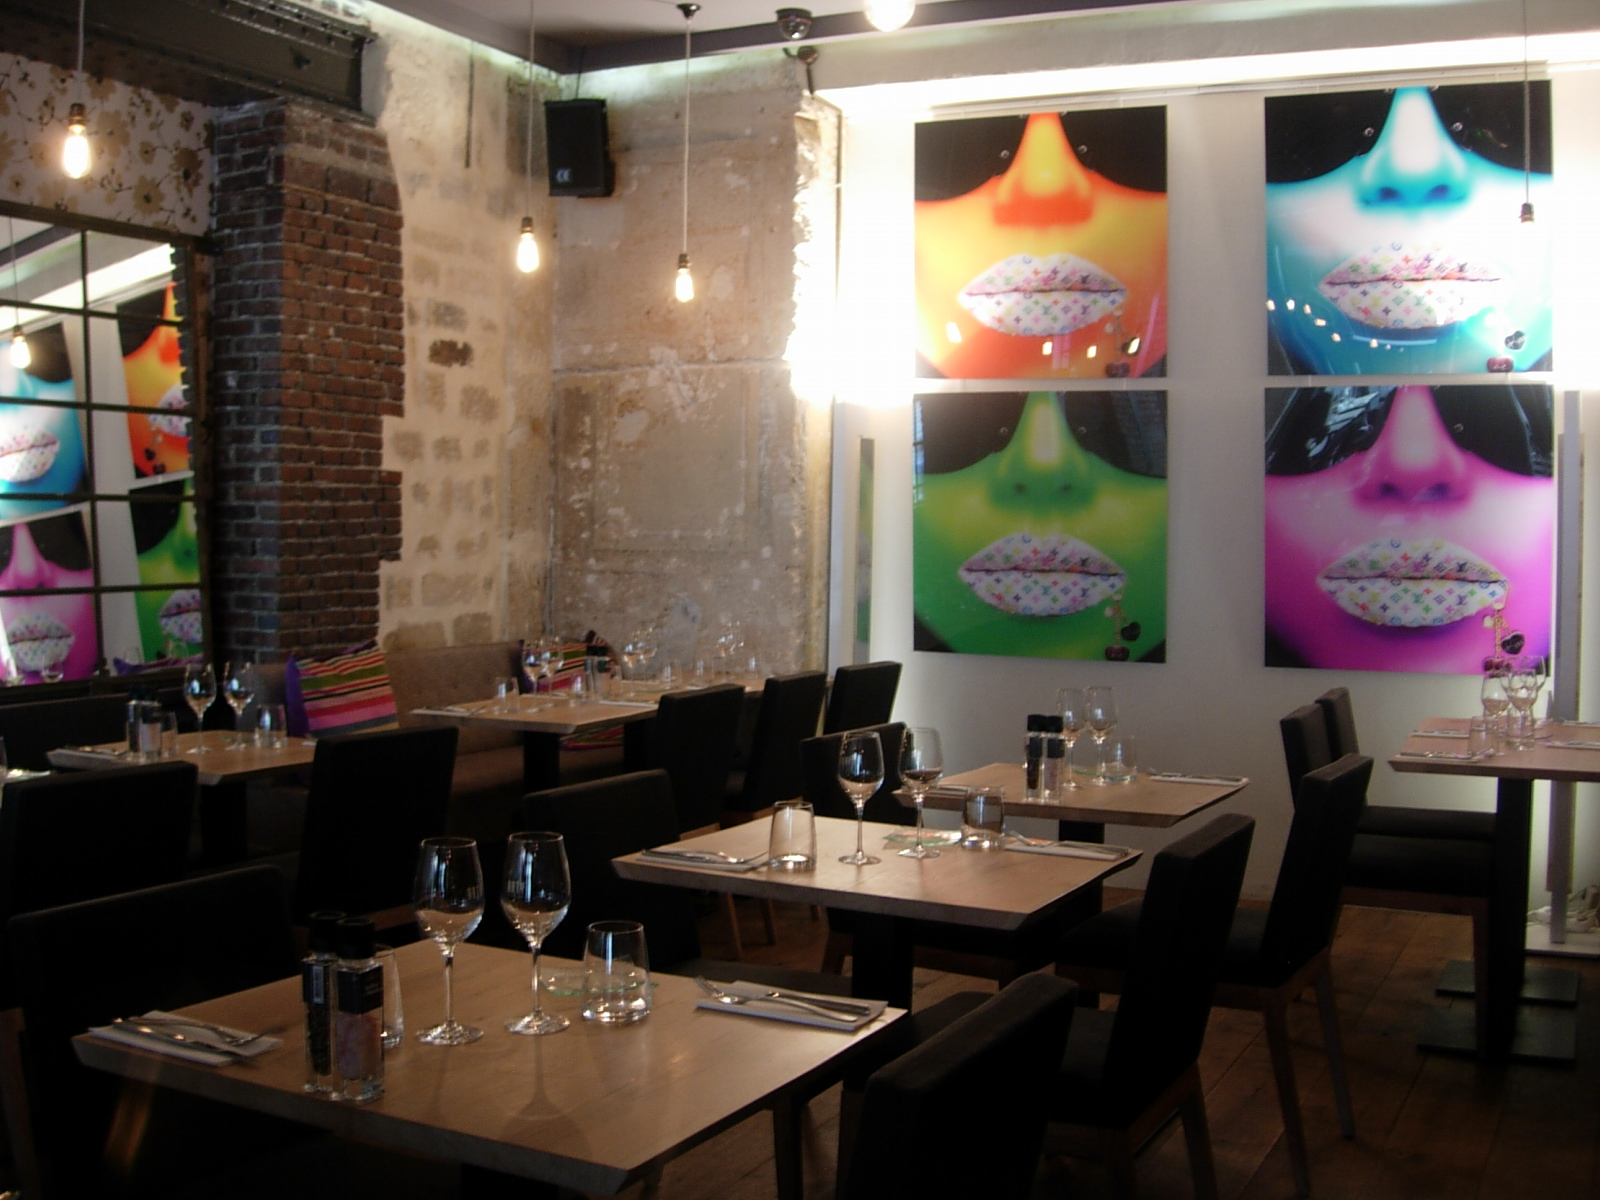 Restaurant branché paris